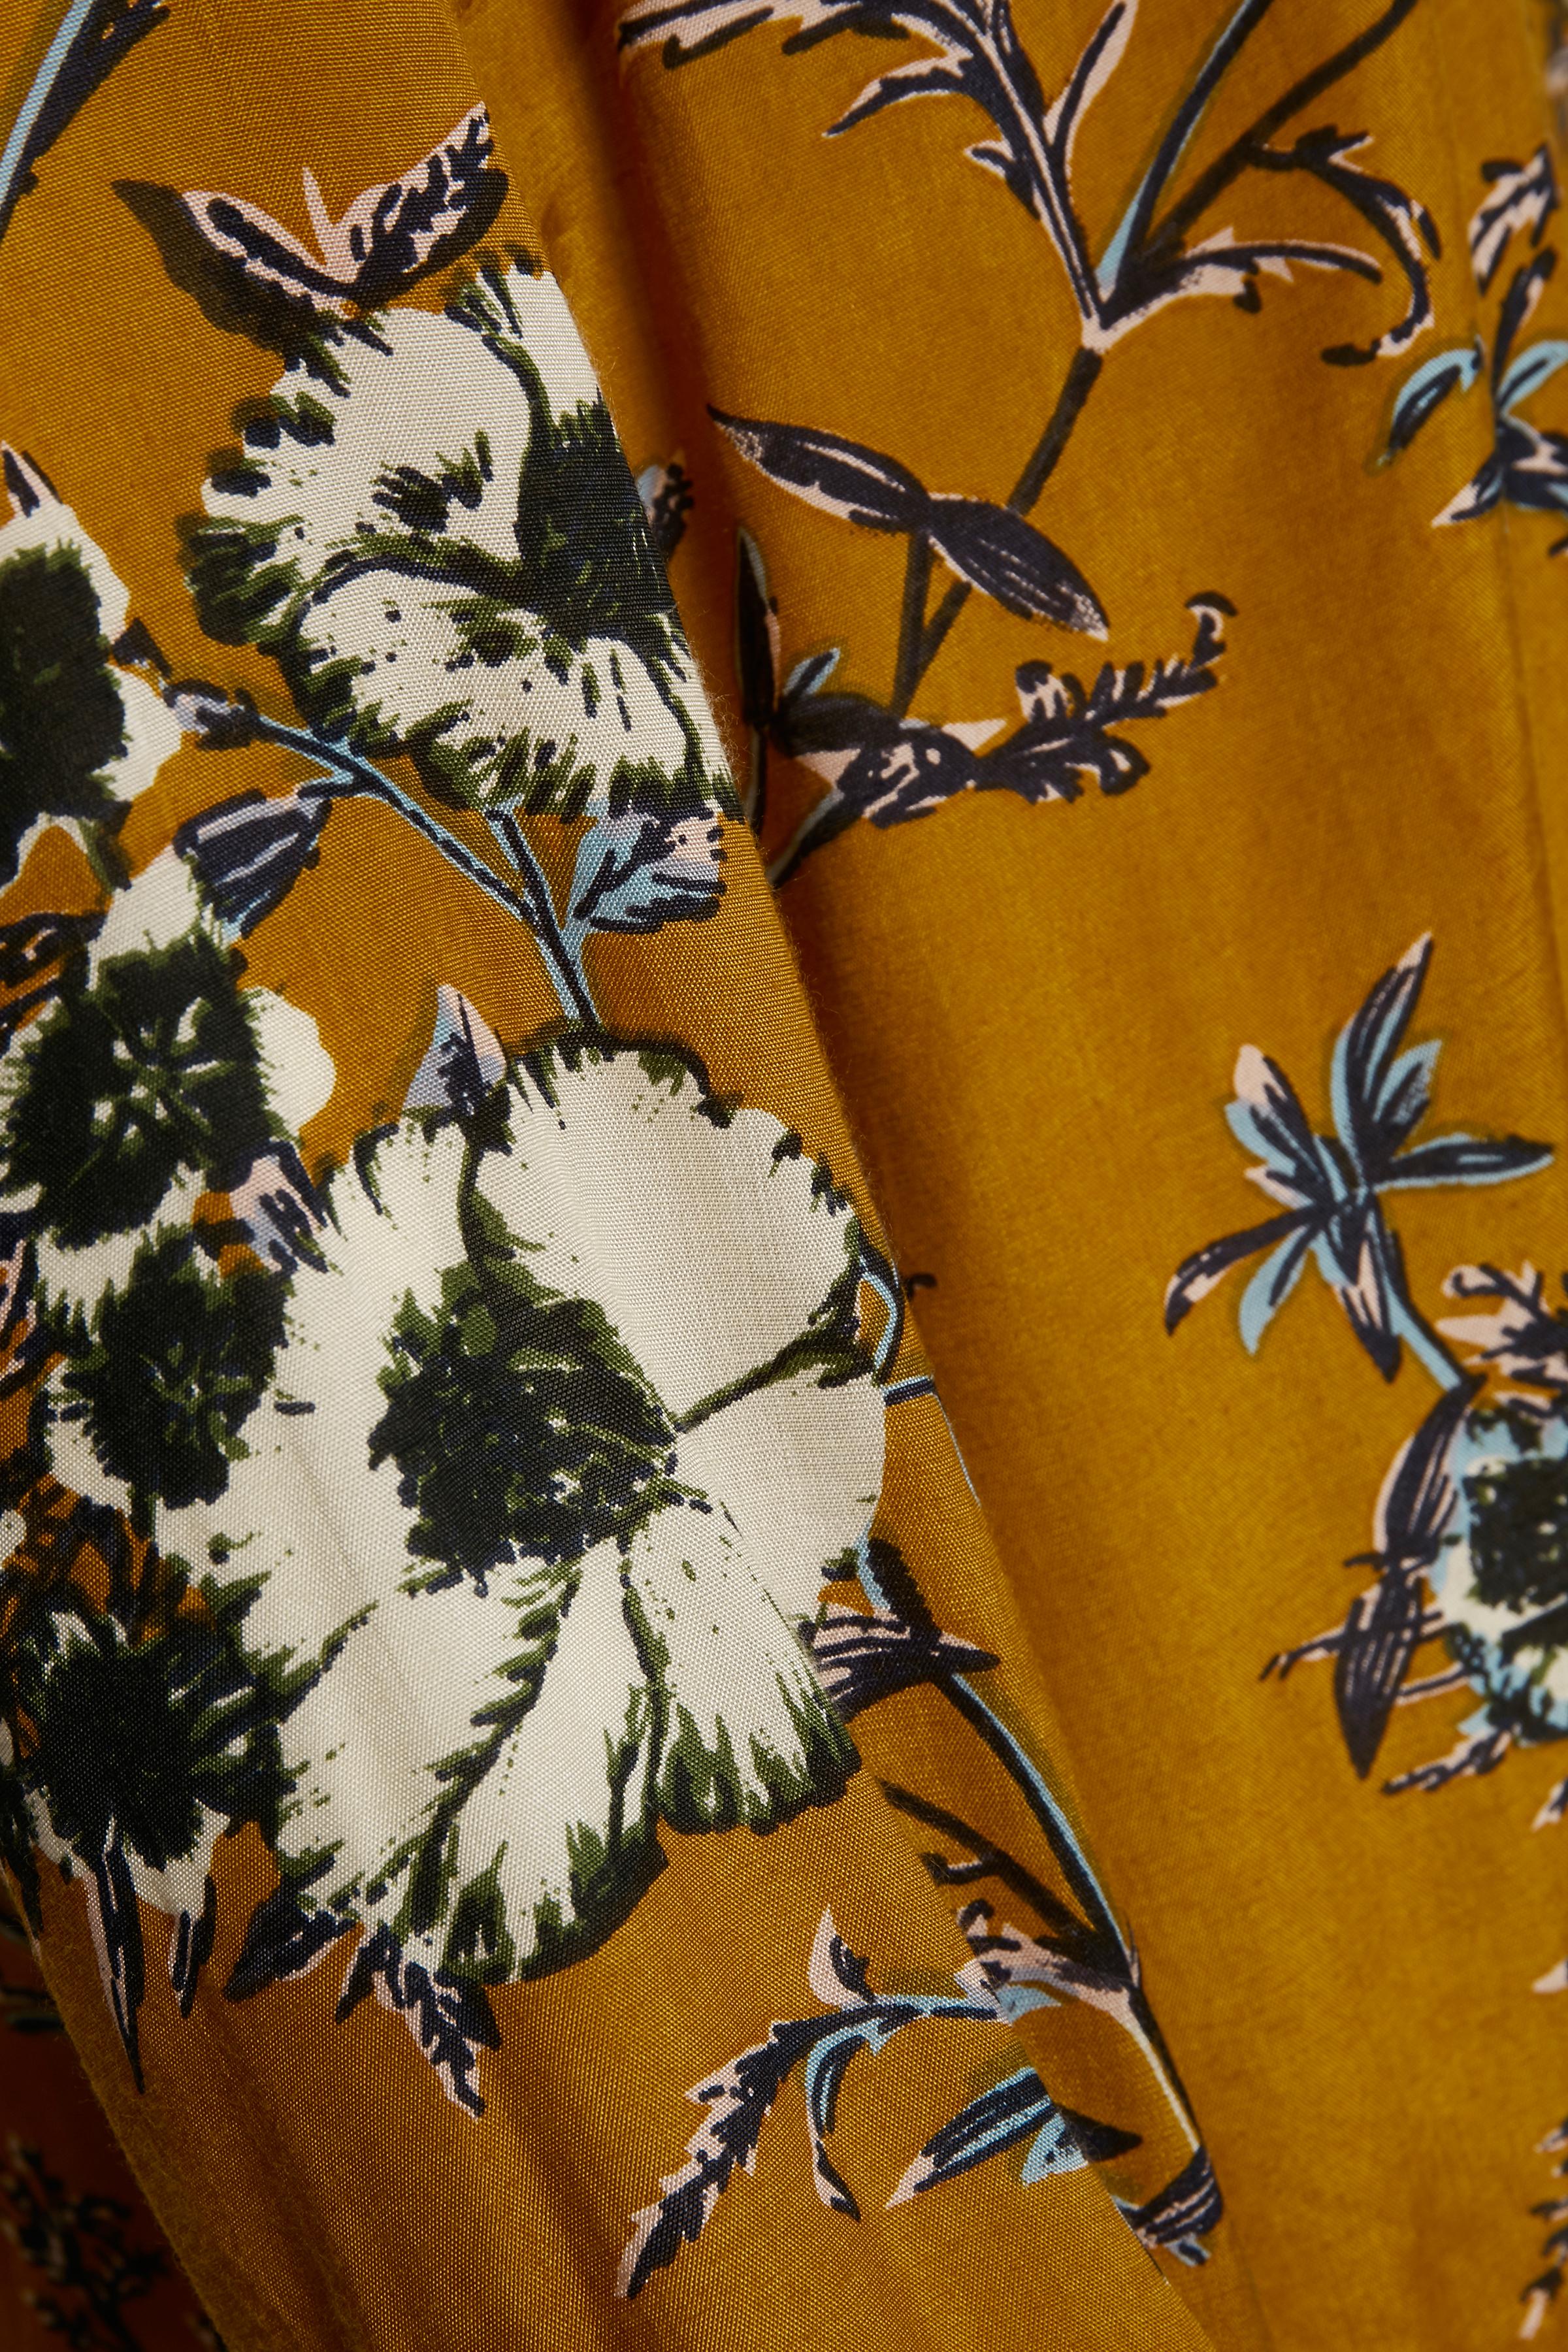 Dunkelcurry/wollweiß Langarm-Bluse von Kaffe – Shoppen Sie Dunkelcurry/wollweiß Langarm-Bluse ab Gr. 34-46 hier